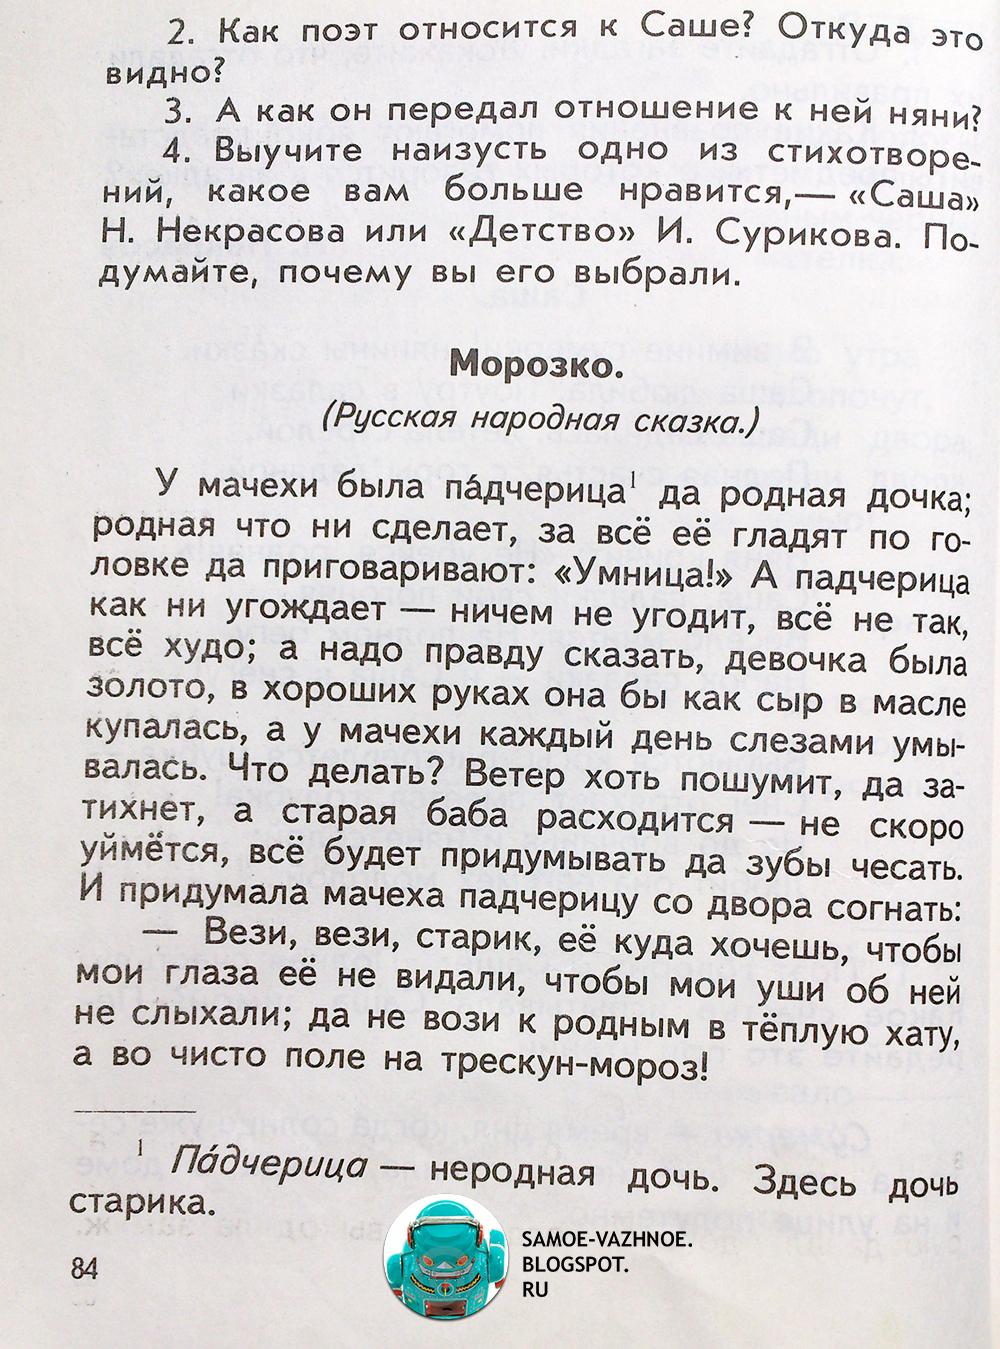 Морозко русская народная сказка